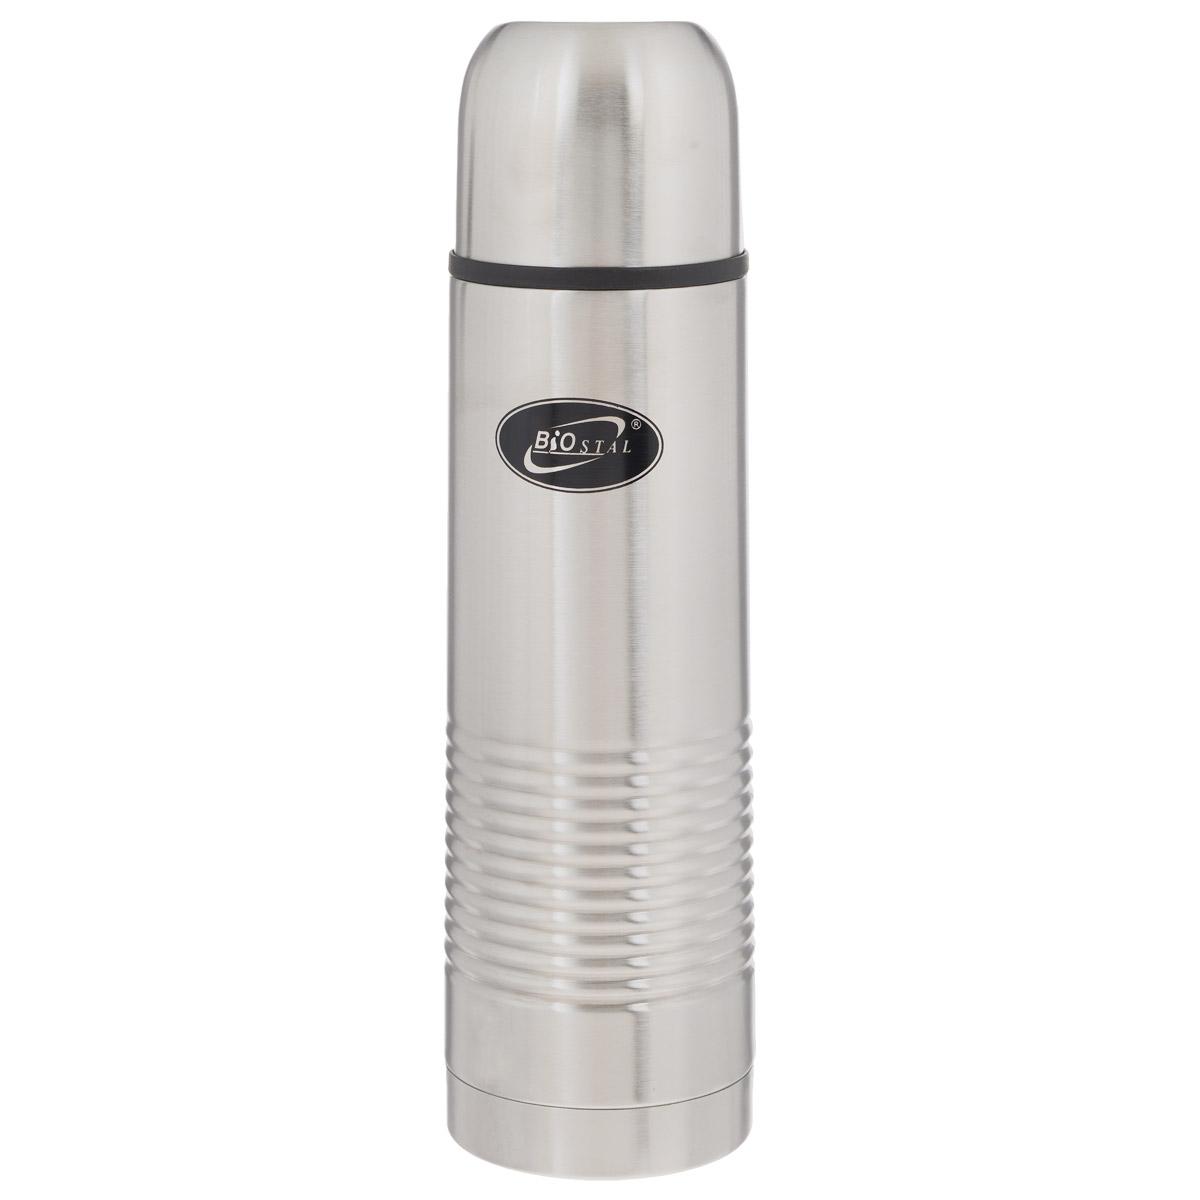 Термос BIOSTAL, в чехле, 1 л. NB-1000-B115610Термос с узким горлом BIOSTAL, изготовленный из высококачественной нержавеющей стали, относится к классической серии. Термосы этой серии, являющейся лидером продаж, просты в использовании, экономичны и многофункциональны. Термос предназначен для хранения горячих и холодных напитков (чая, кофе) и укомплектован пробкой с кнопкой. Такая пробка удобна в использовании и позволяет, не отвинчивая ее, наливать напитки после простого нажатия. Изделие также оснащено крышкой-чашкой и текстильным чехлом для хранения и переноски термоса. Легкий и прочный термос BIOSTAL сохранит ваши напитки горячими или холодными надолго.